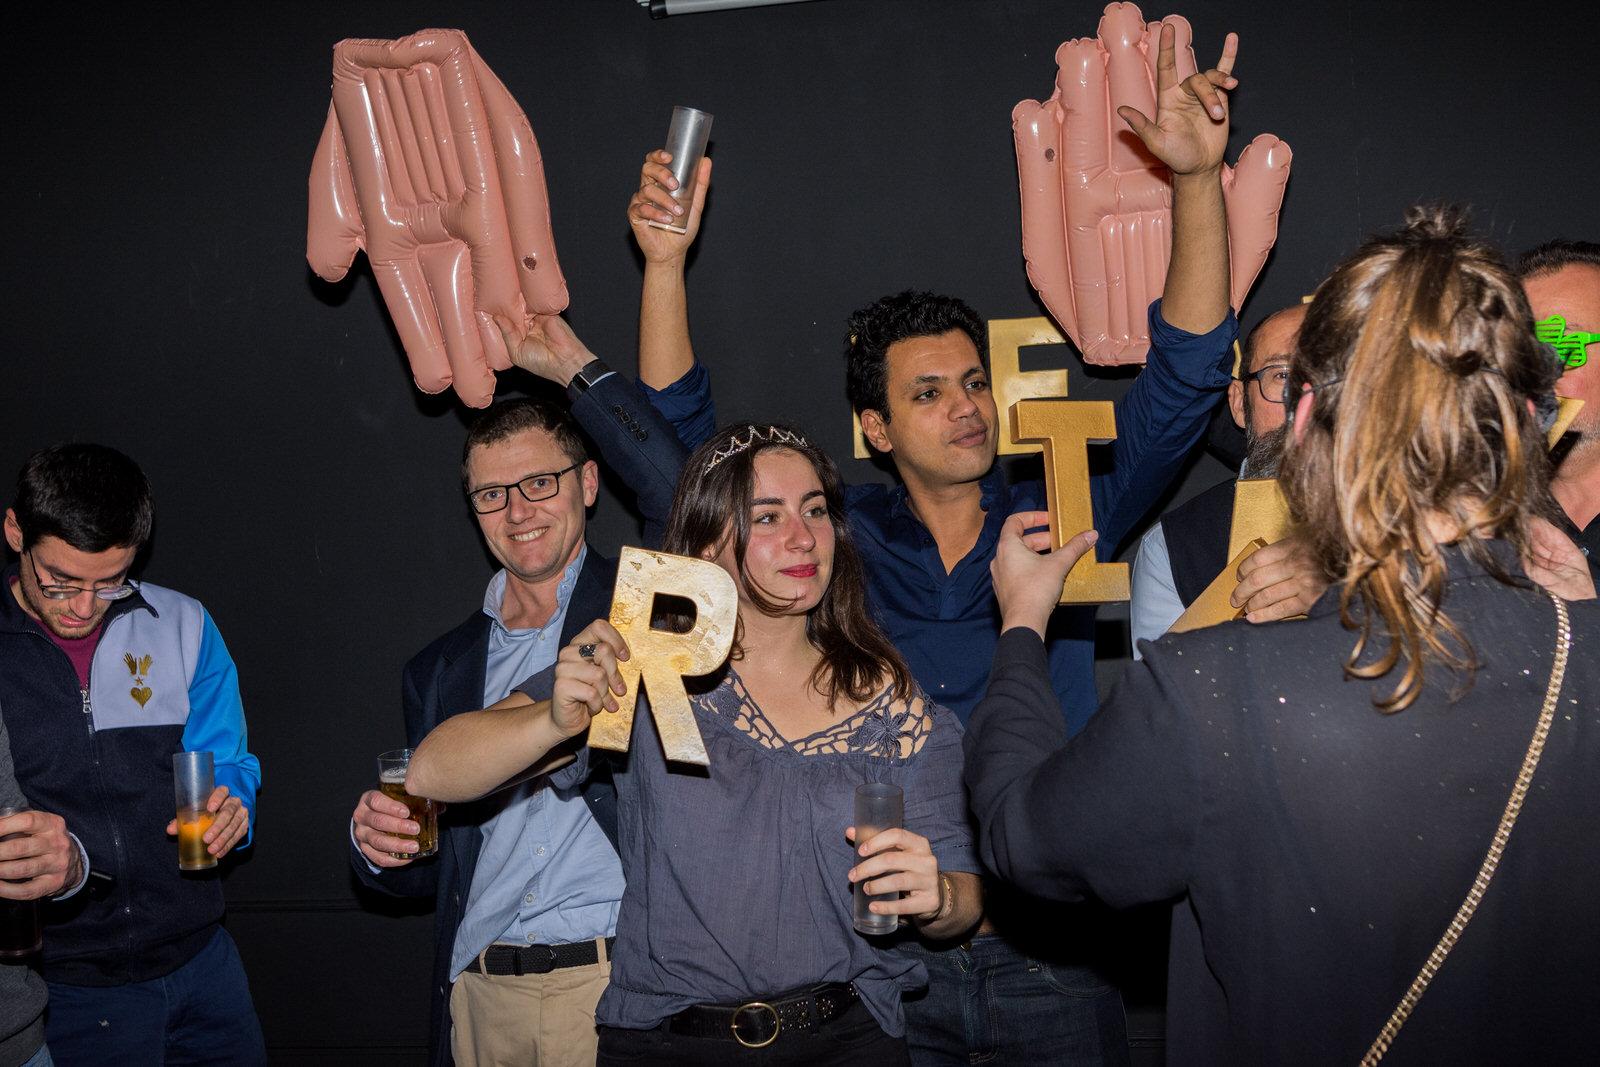 Espace de coworking paris REMIX party winter - 102.jpg